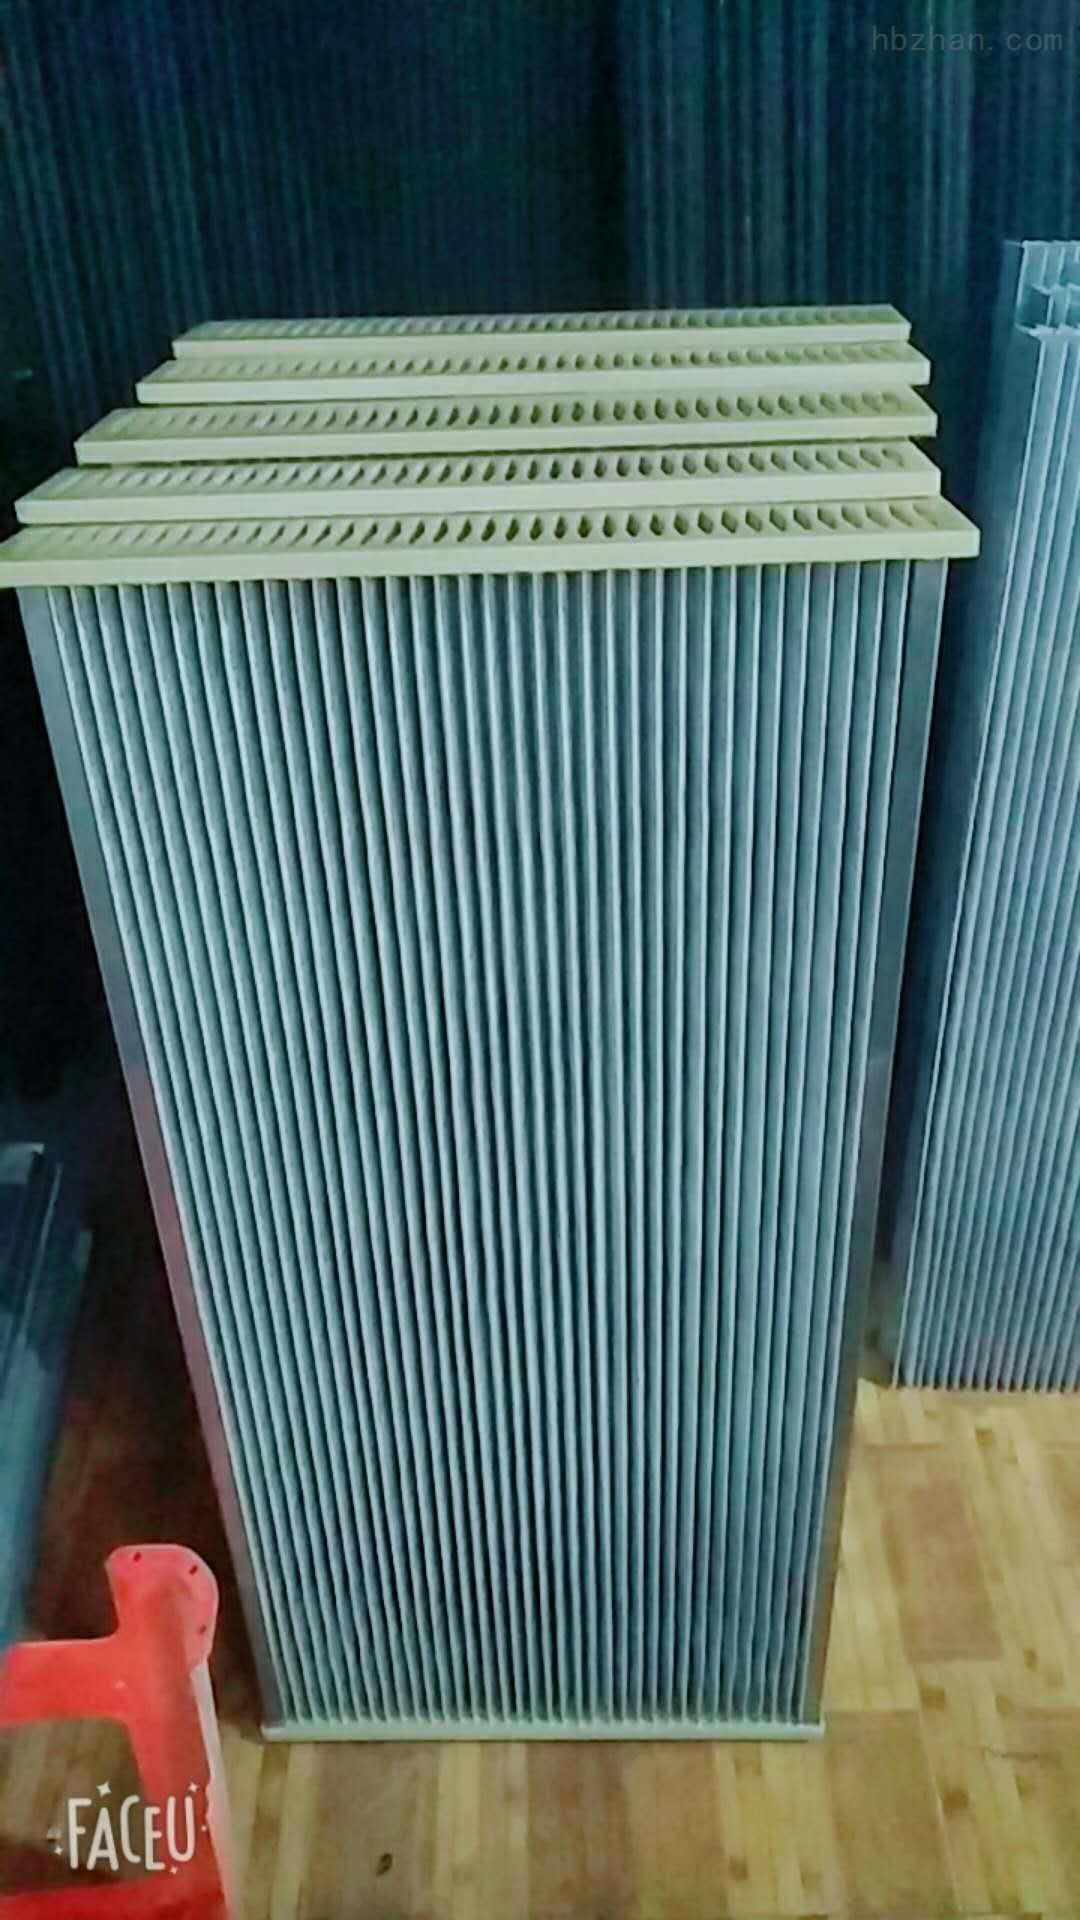 宜昌DFM40PP005A01滤芯厂家价格